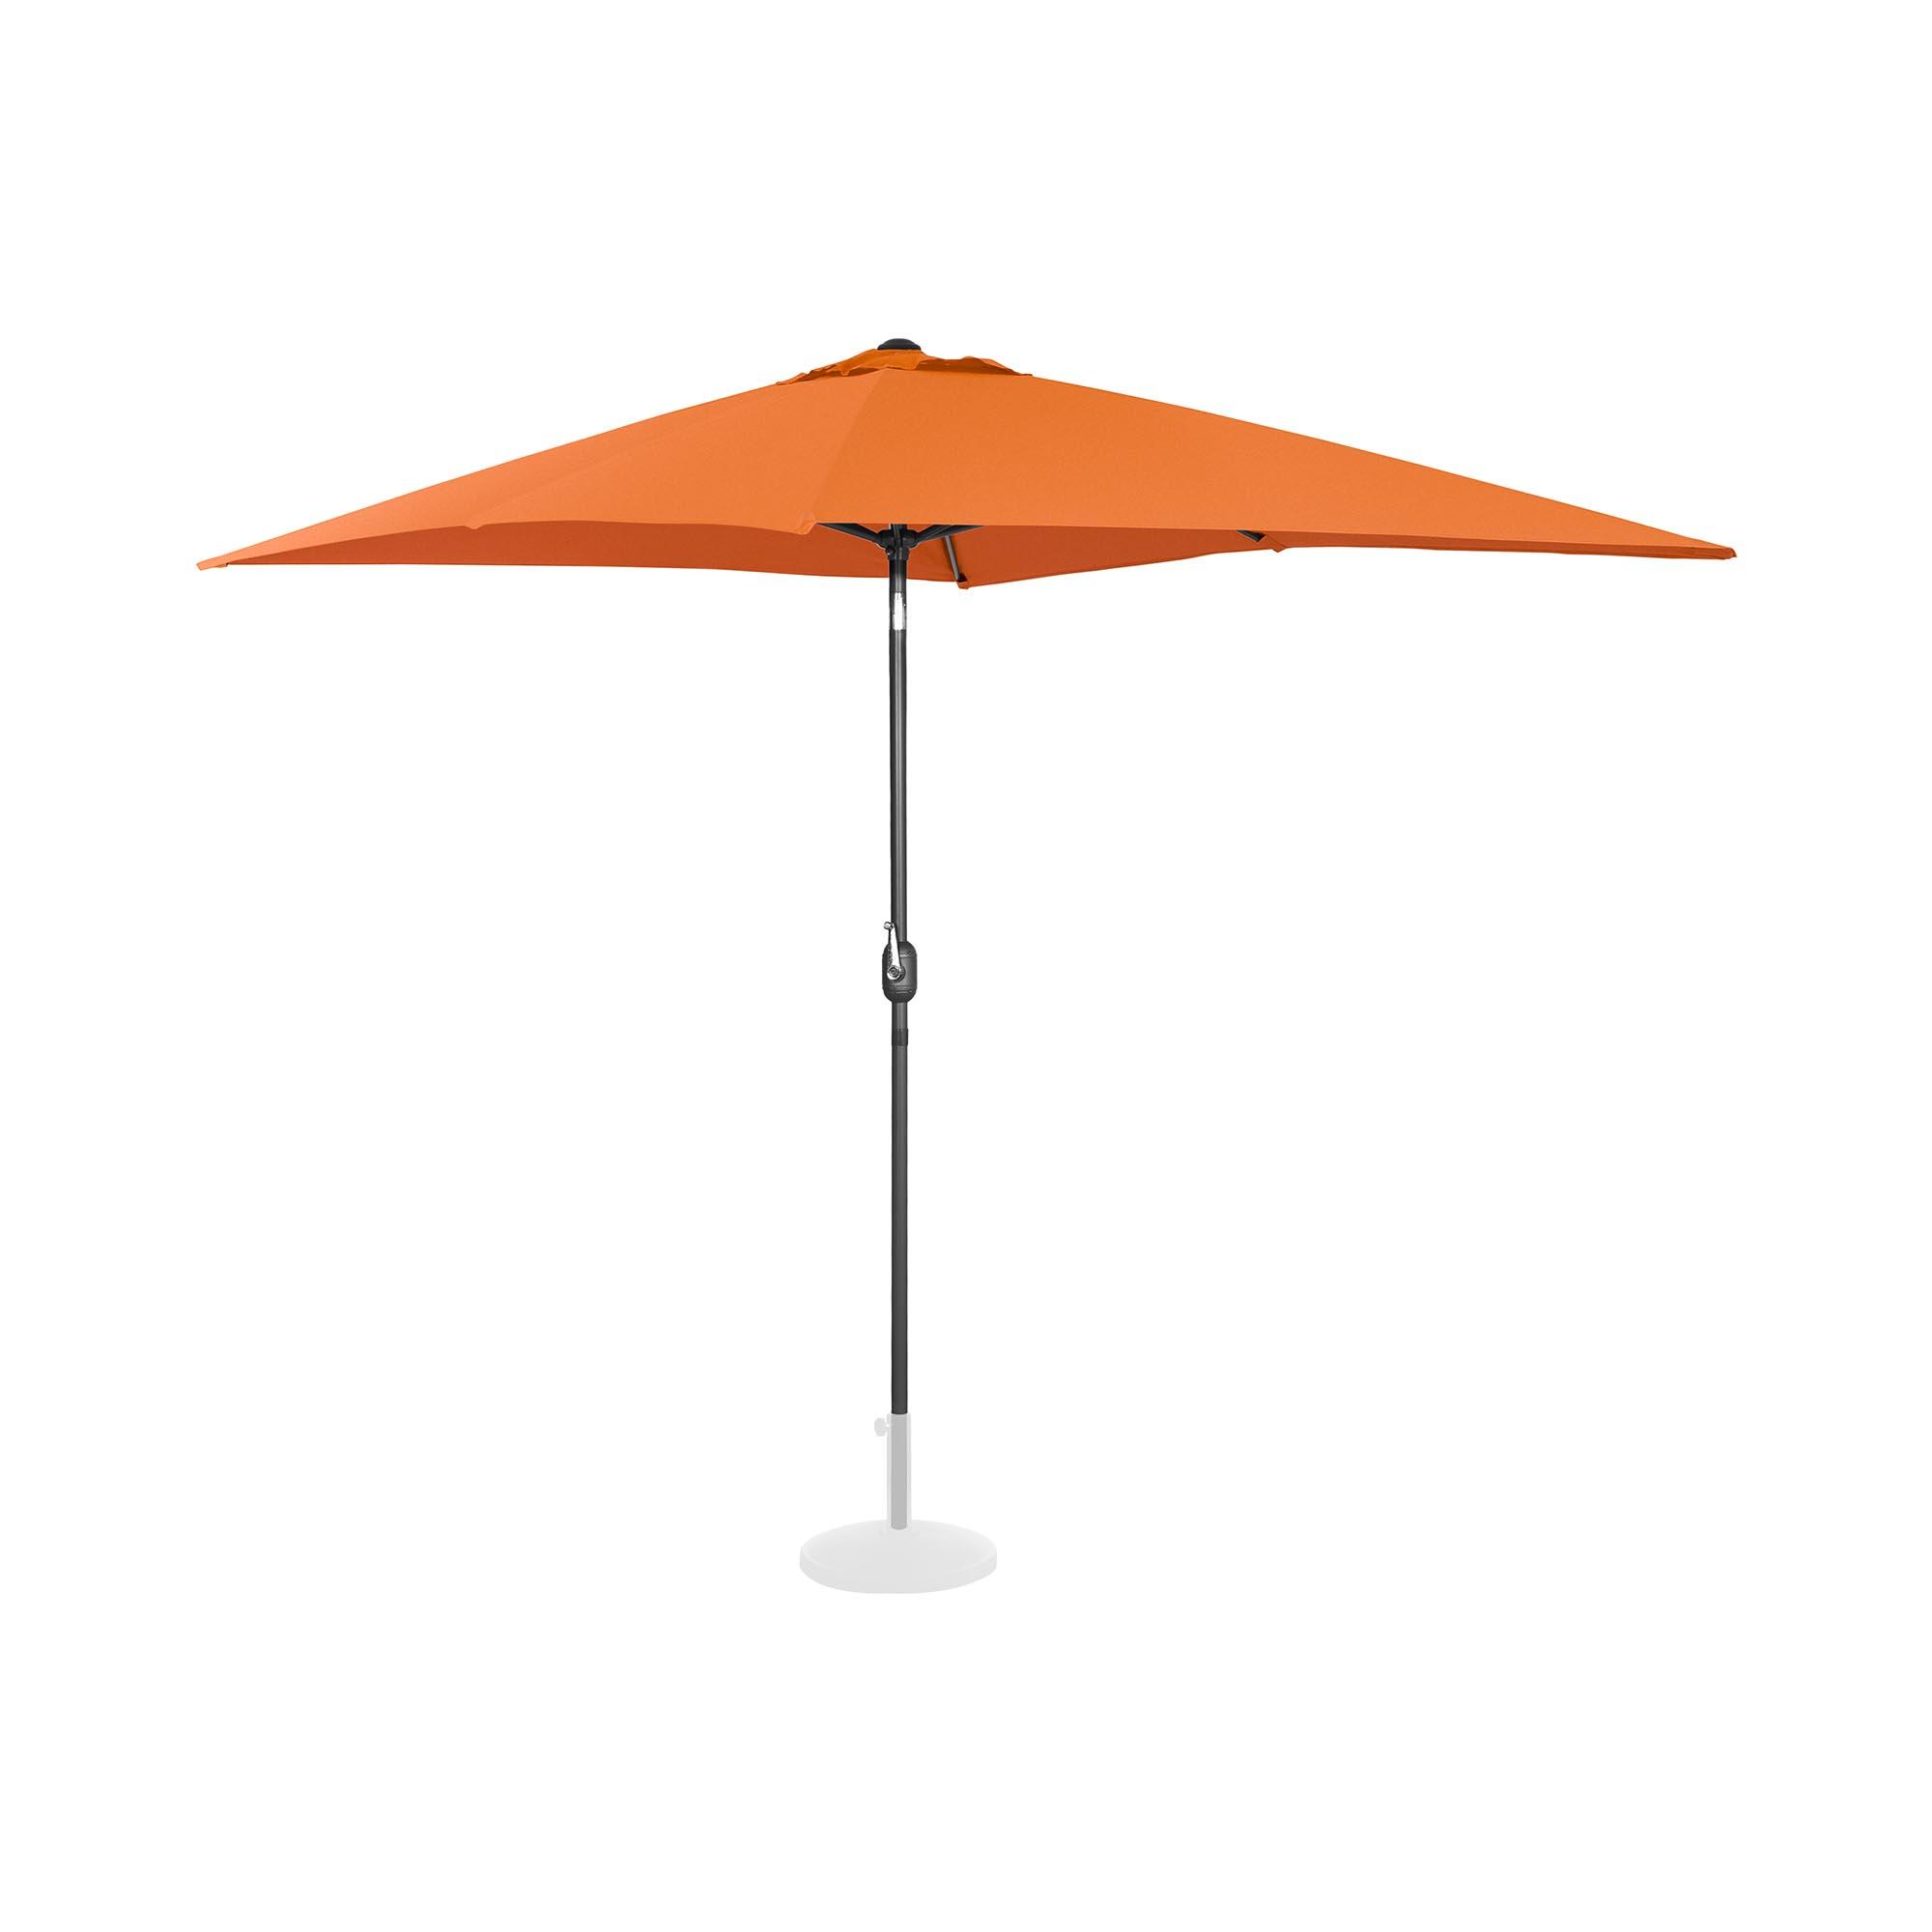 Uniprodo Sonnenschirm groß - orange - rechteckig - 200 x 300 cm - neigbar 10250136